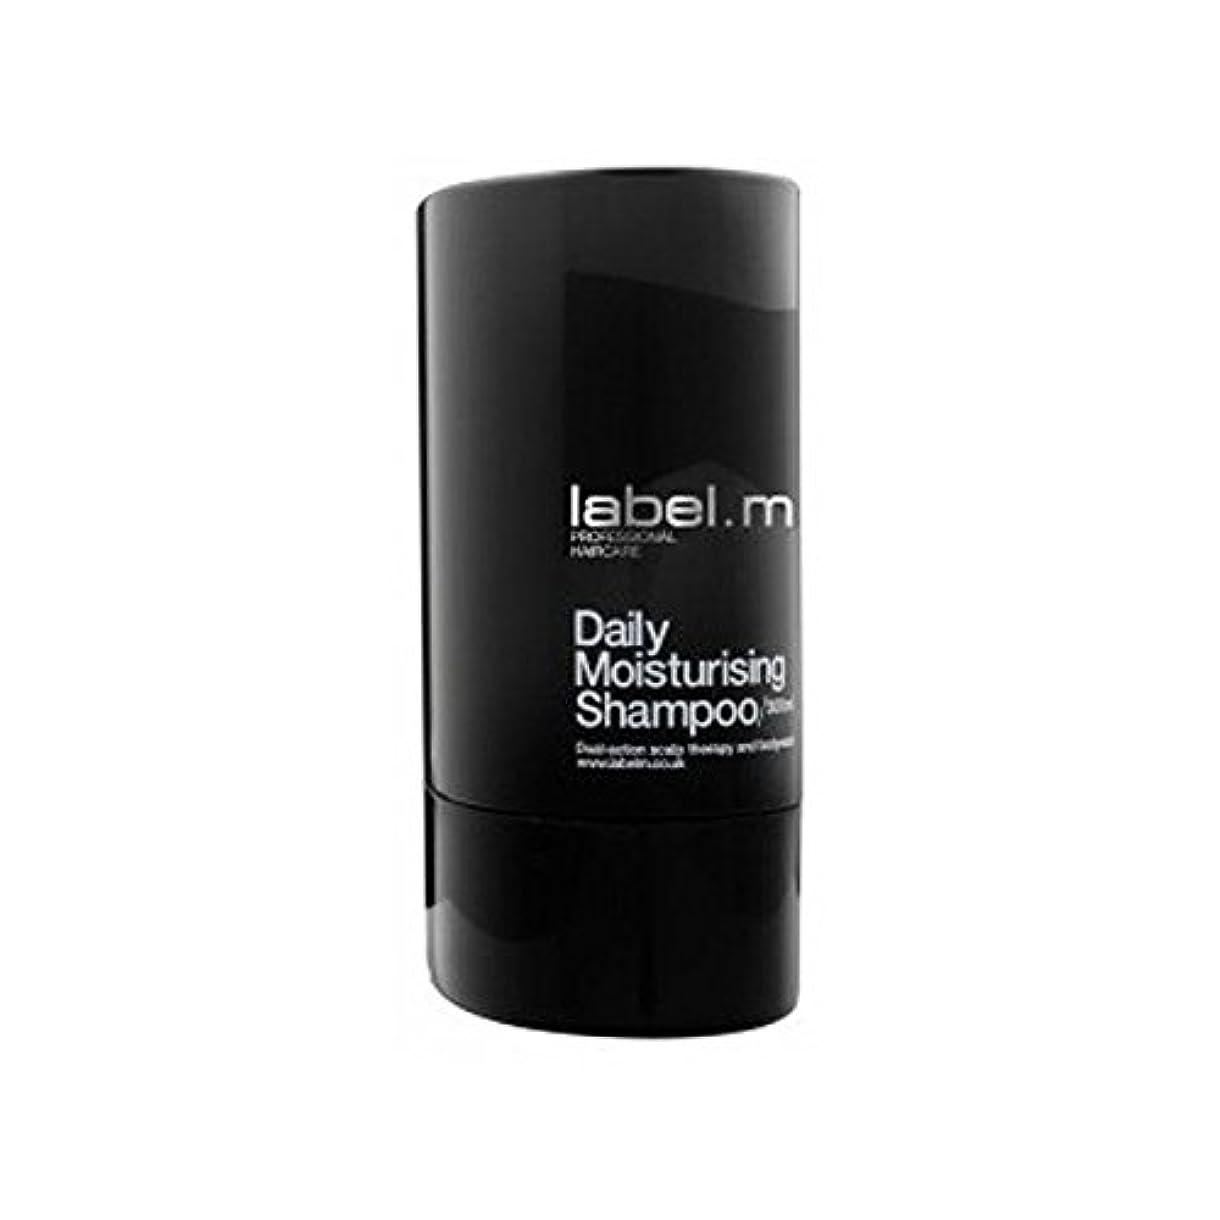 警告するカップ本物Label.Men Daily Moisturising Shampoo (300ml) - .毎日保湿シャンプー(300ミリリットル) [並行輸入品]